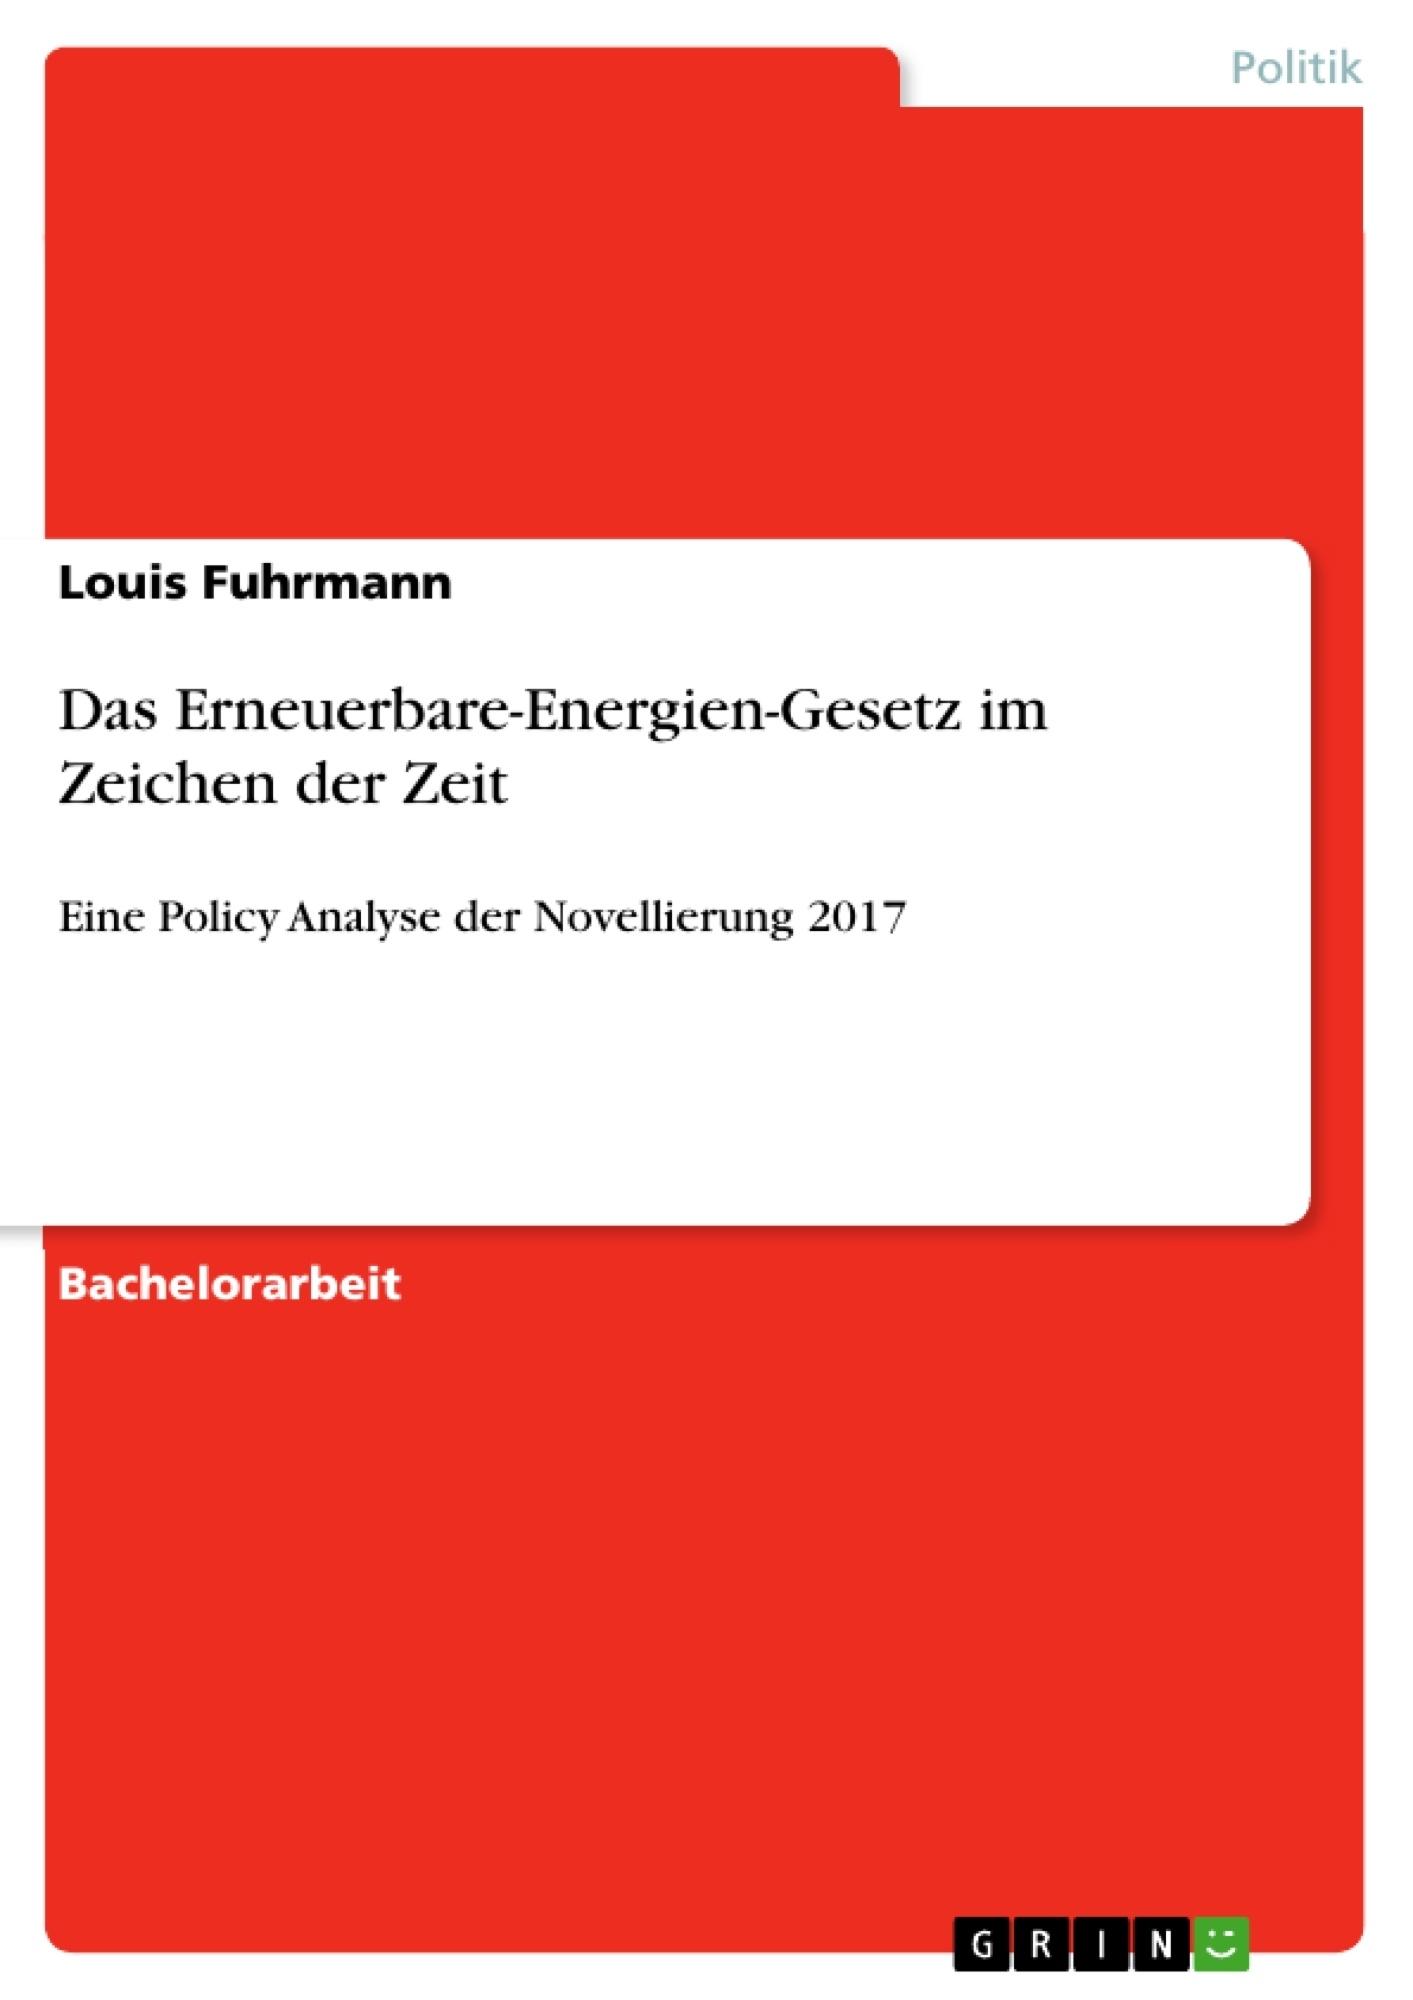 Titel: Das Erneuerbare-Energien-Gesetz im Zeichen der Zeit